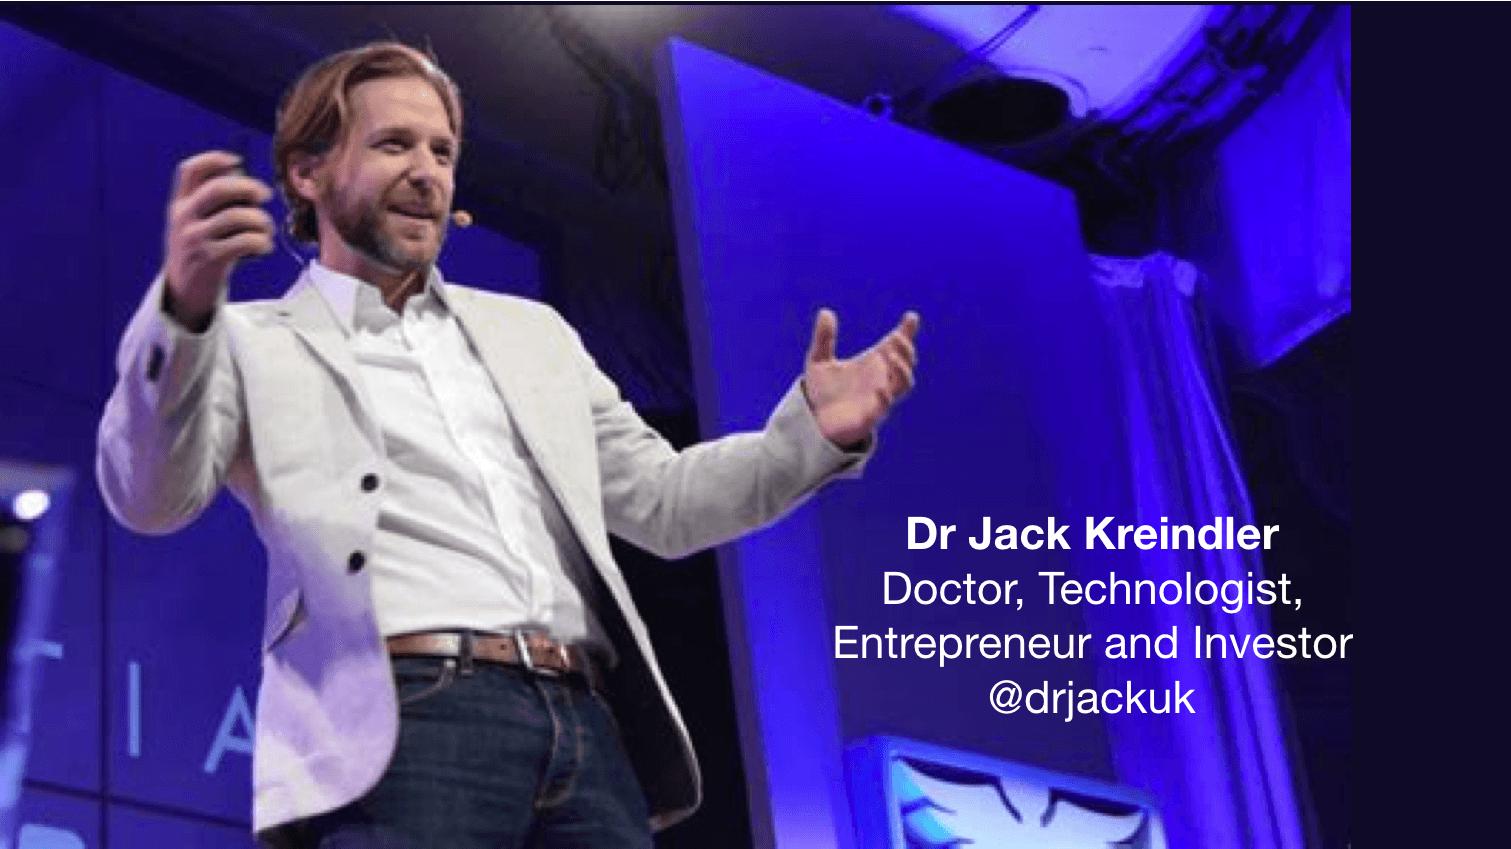 Dr Jack Kreindler